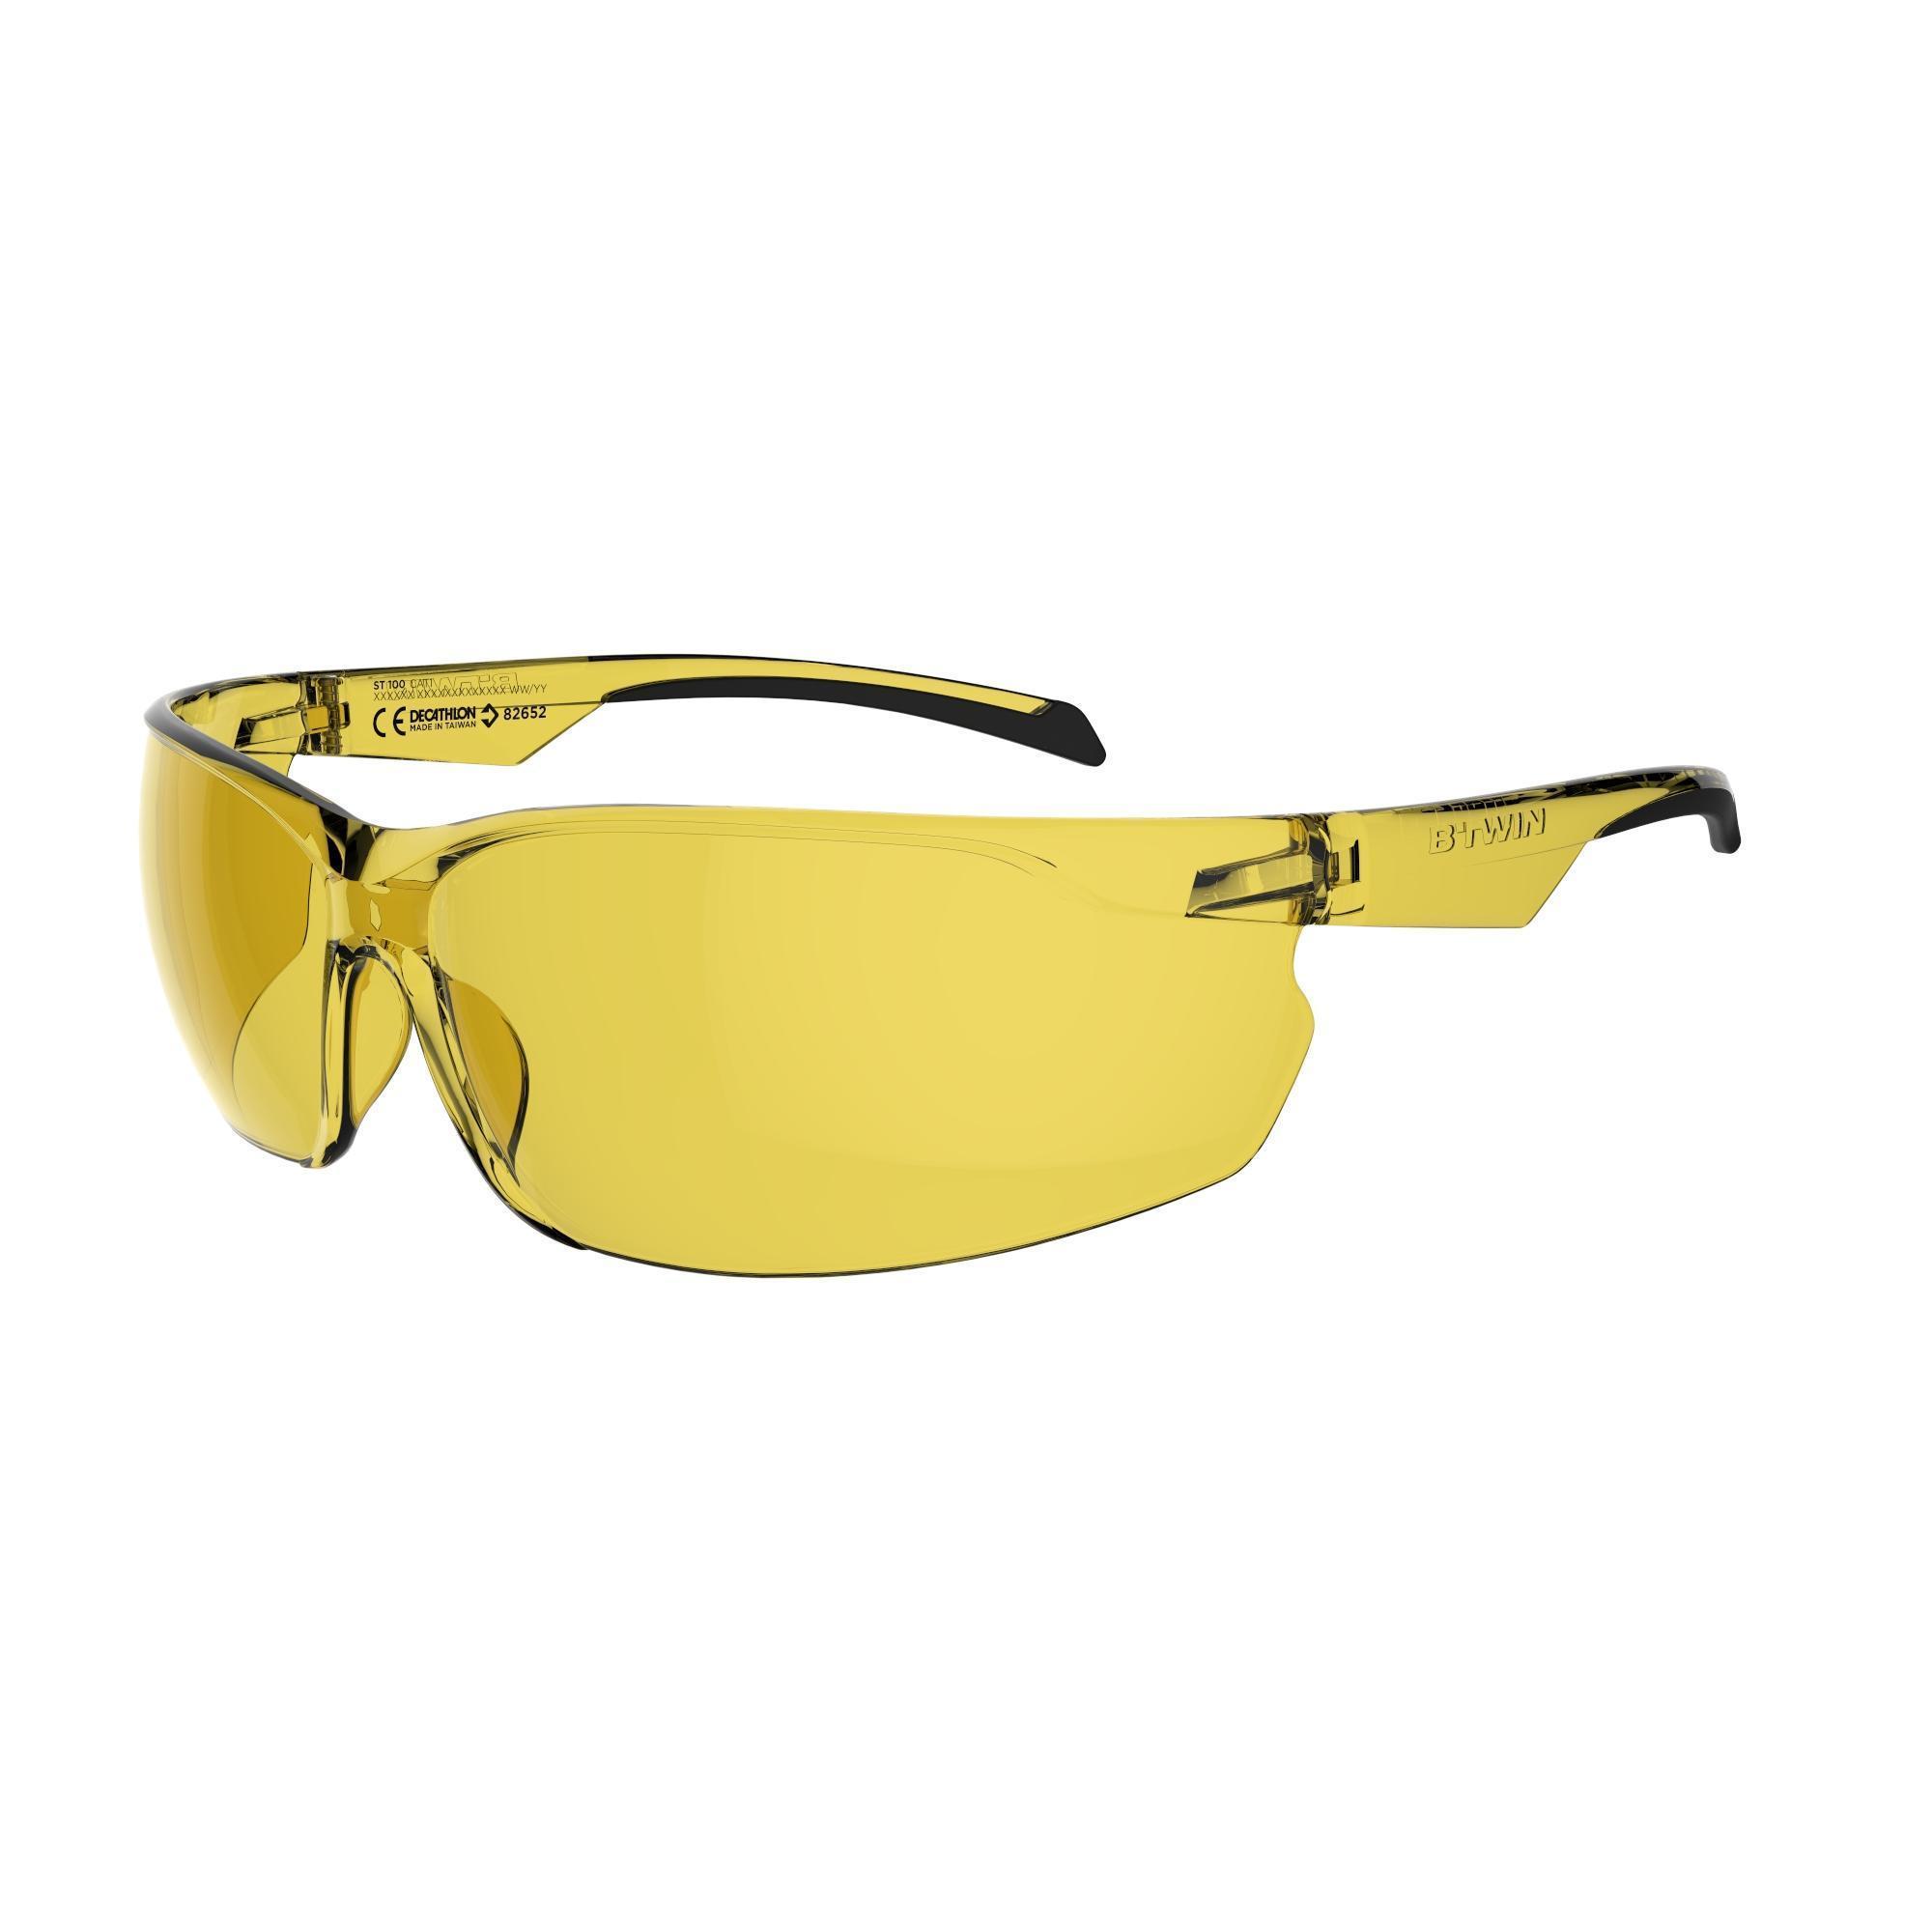 b186e2eb08 Comprar Gafas de Ciclismo | Decathlon